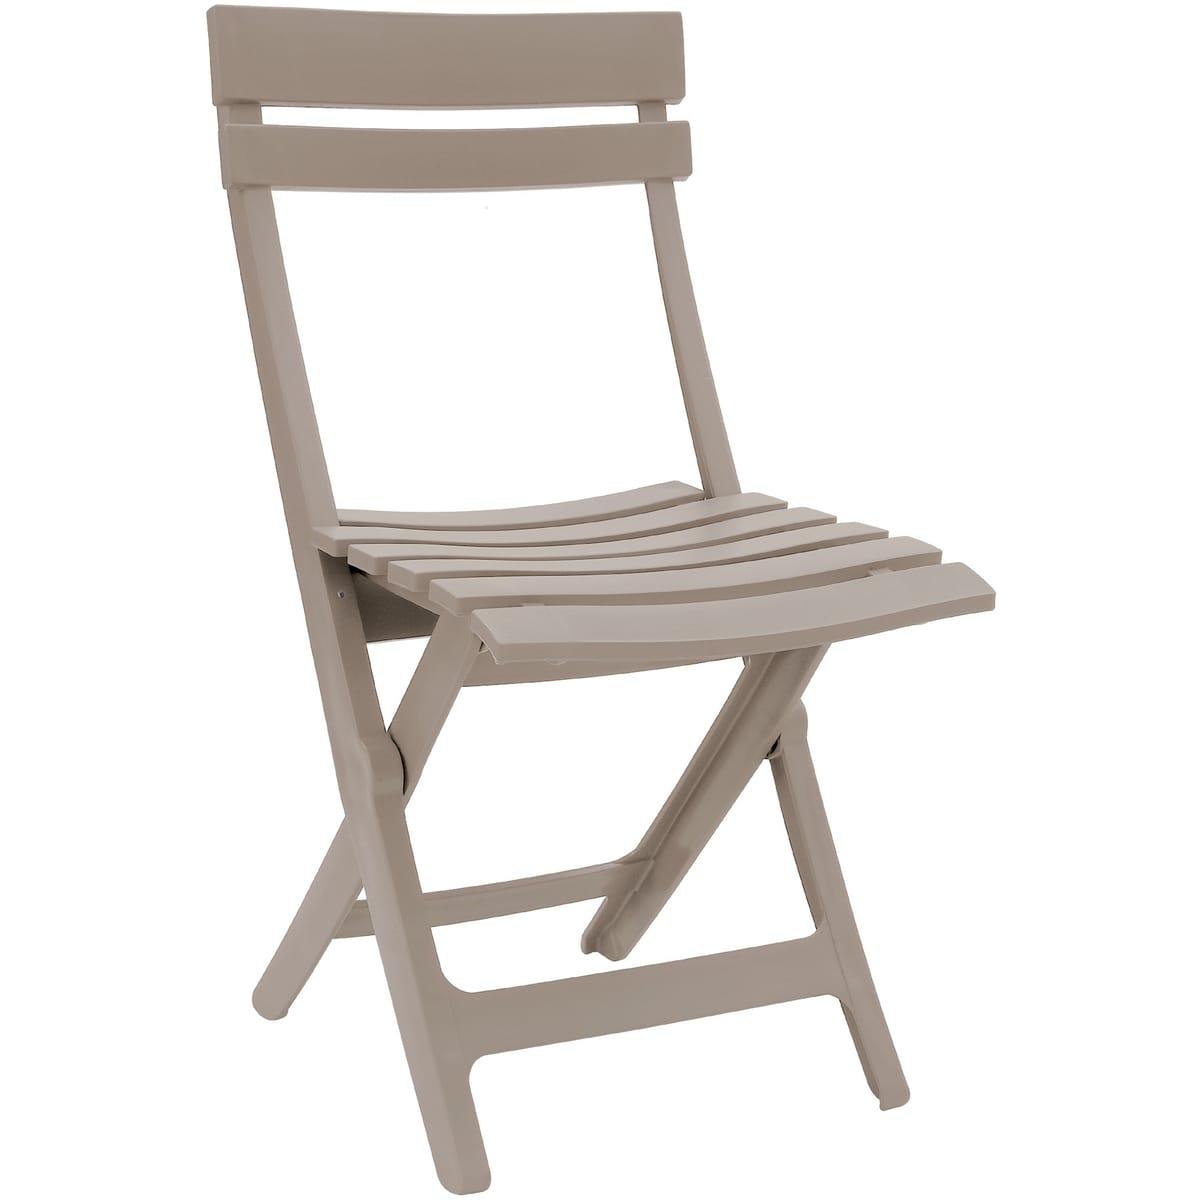 Grosfillex Chaise De Jardin Pliante Résine Miami Lin pour Auchan Table De Jardin